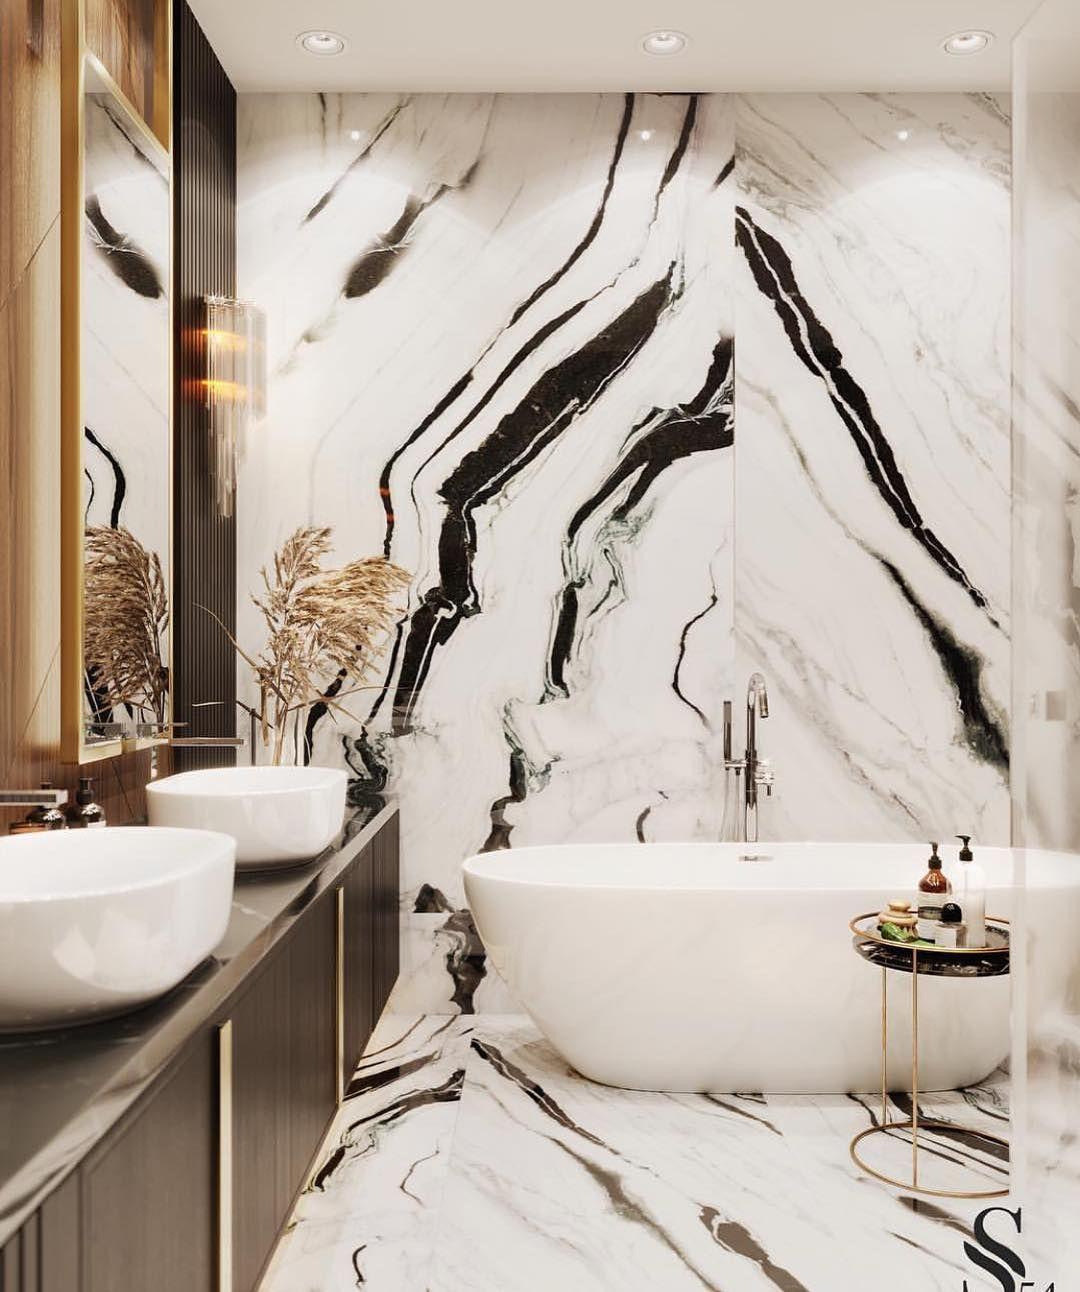 Aranżacja łazienki z wykorzystaniem płytek wielkoformatowcyh